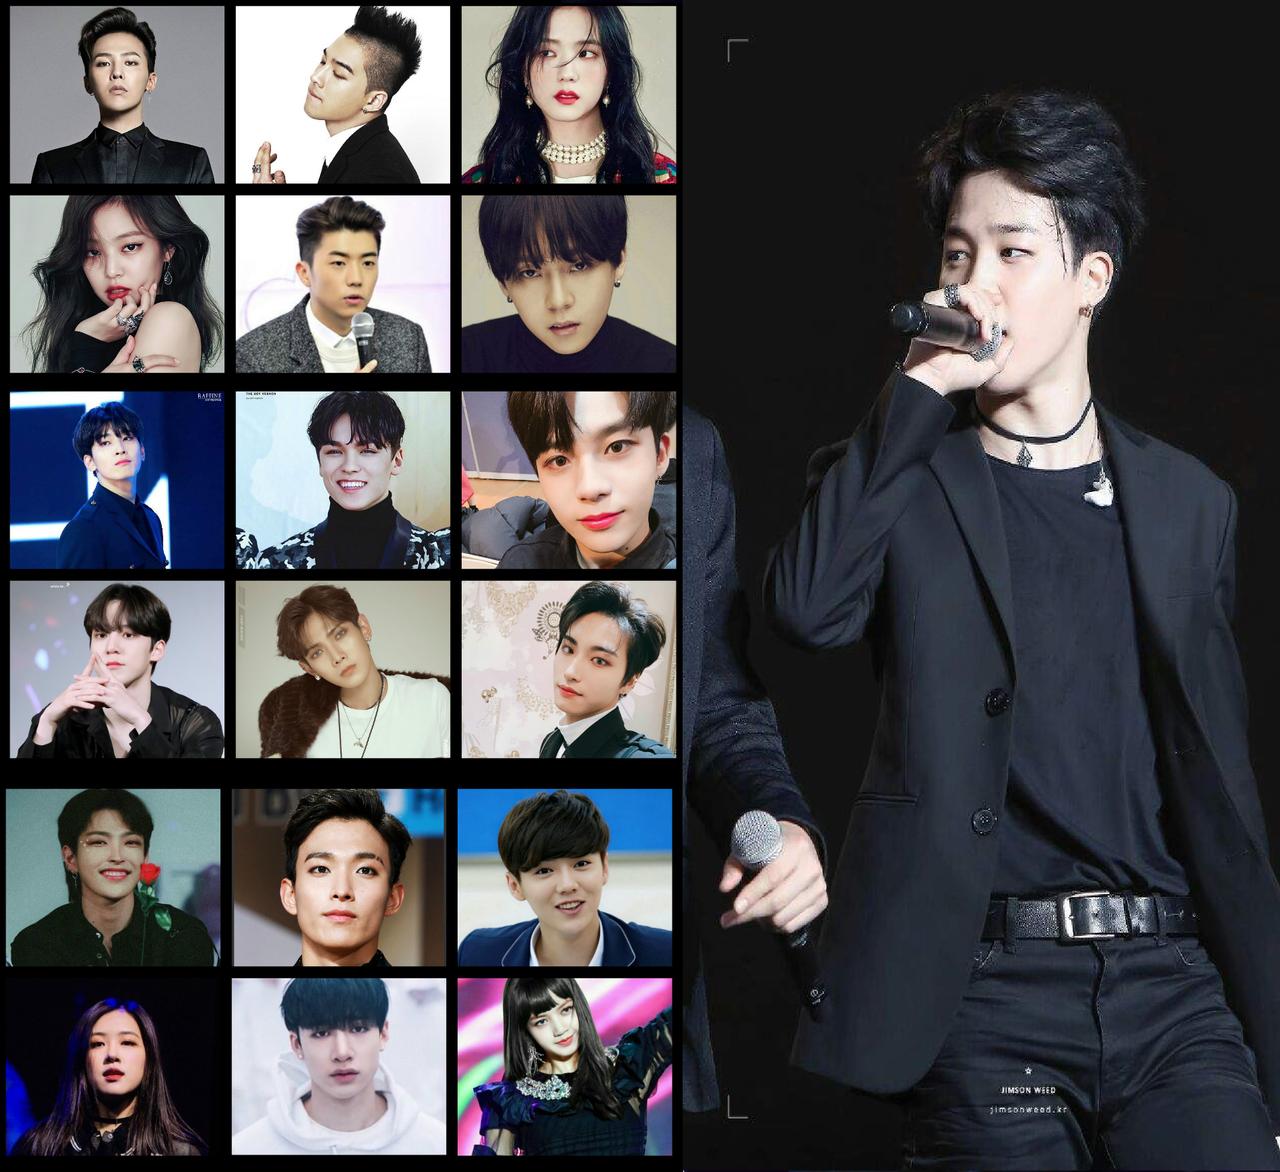 Familión coreano: De izquierda a derecha según la edad y Jimin es el menor uwu